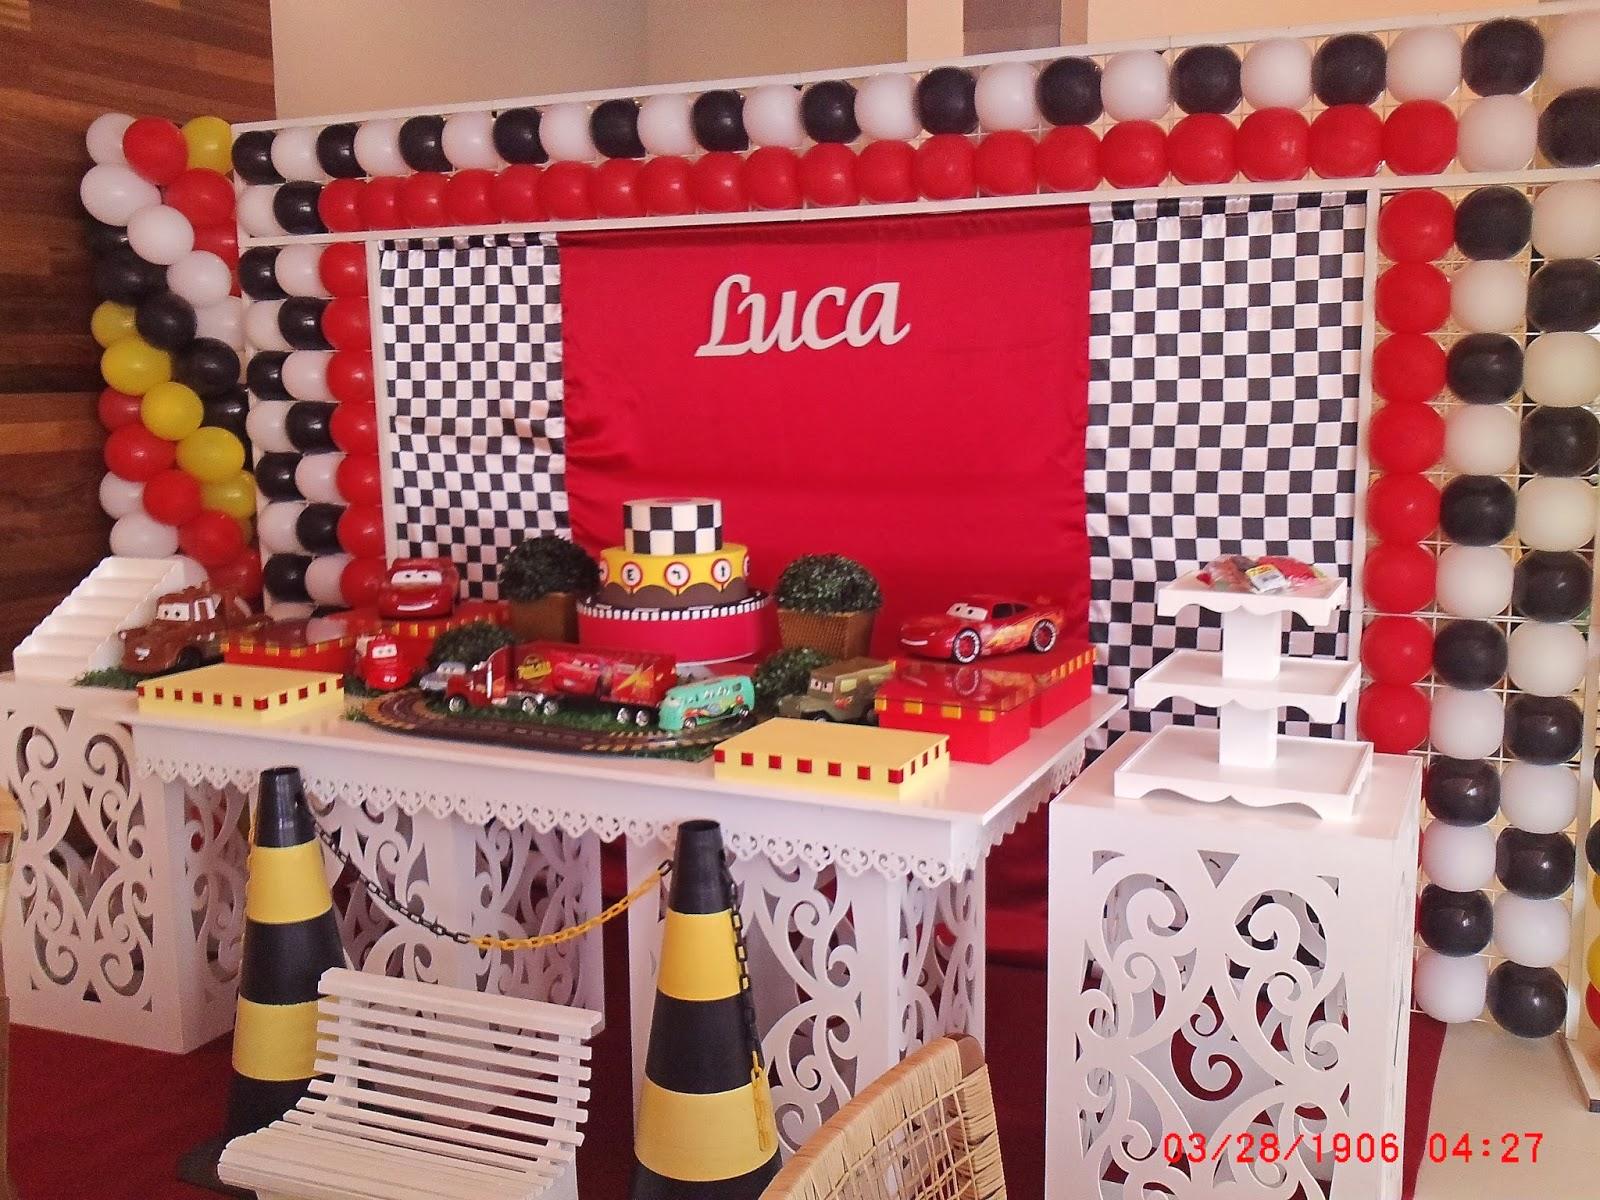 decoração festa infantil  Claudia Hayasida  Londrina  PR carros da disney